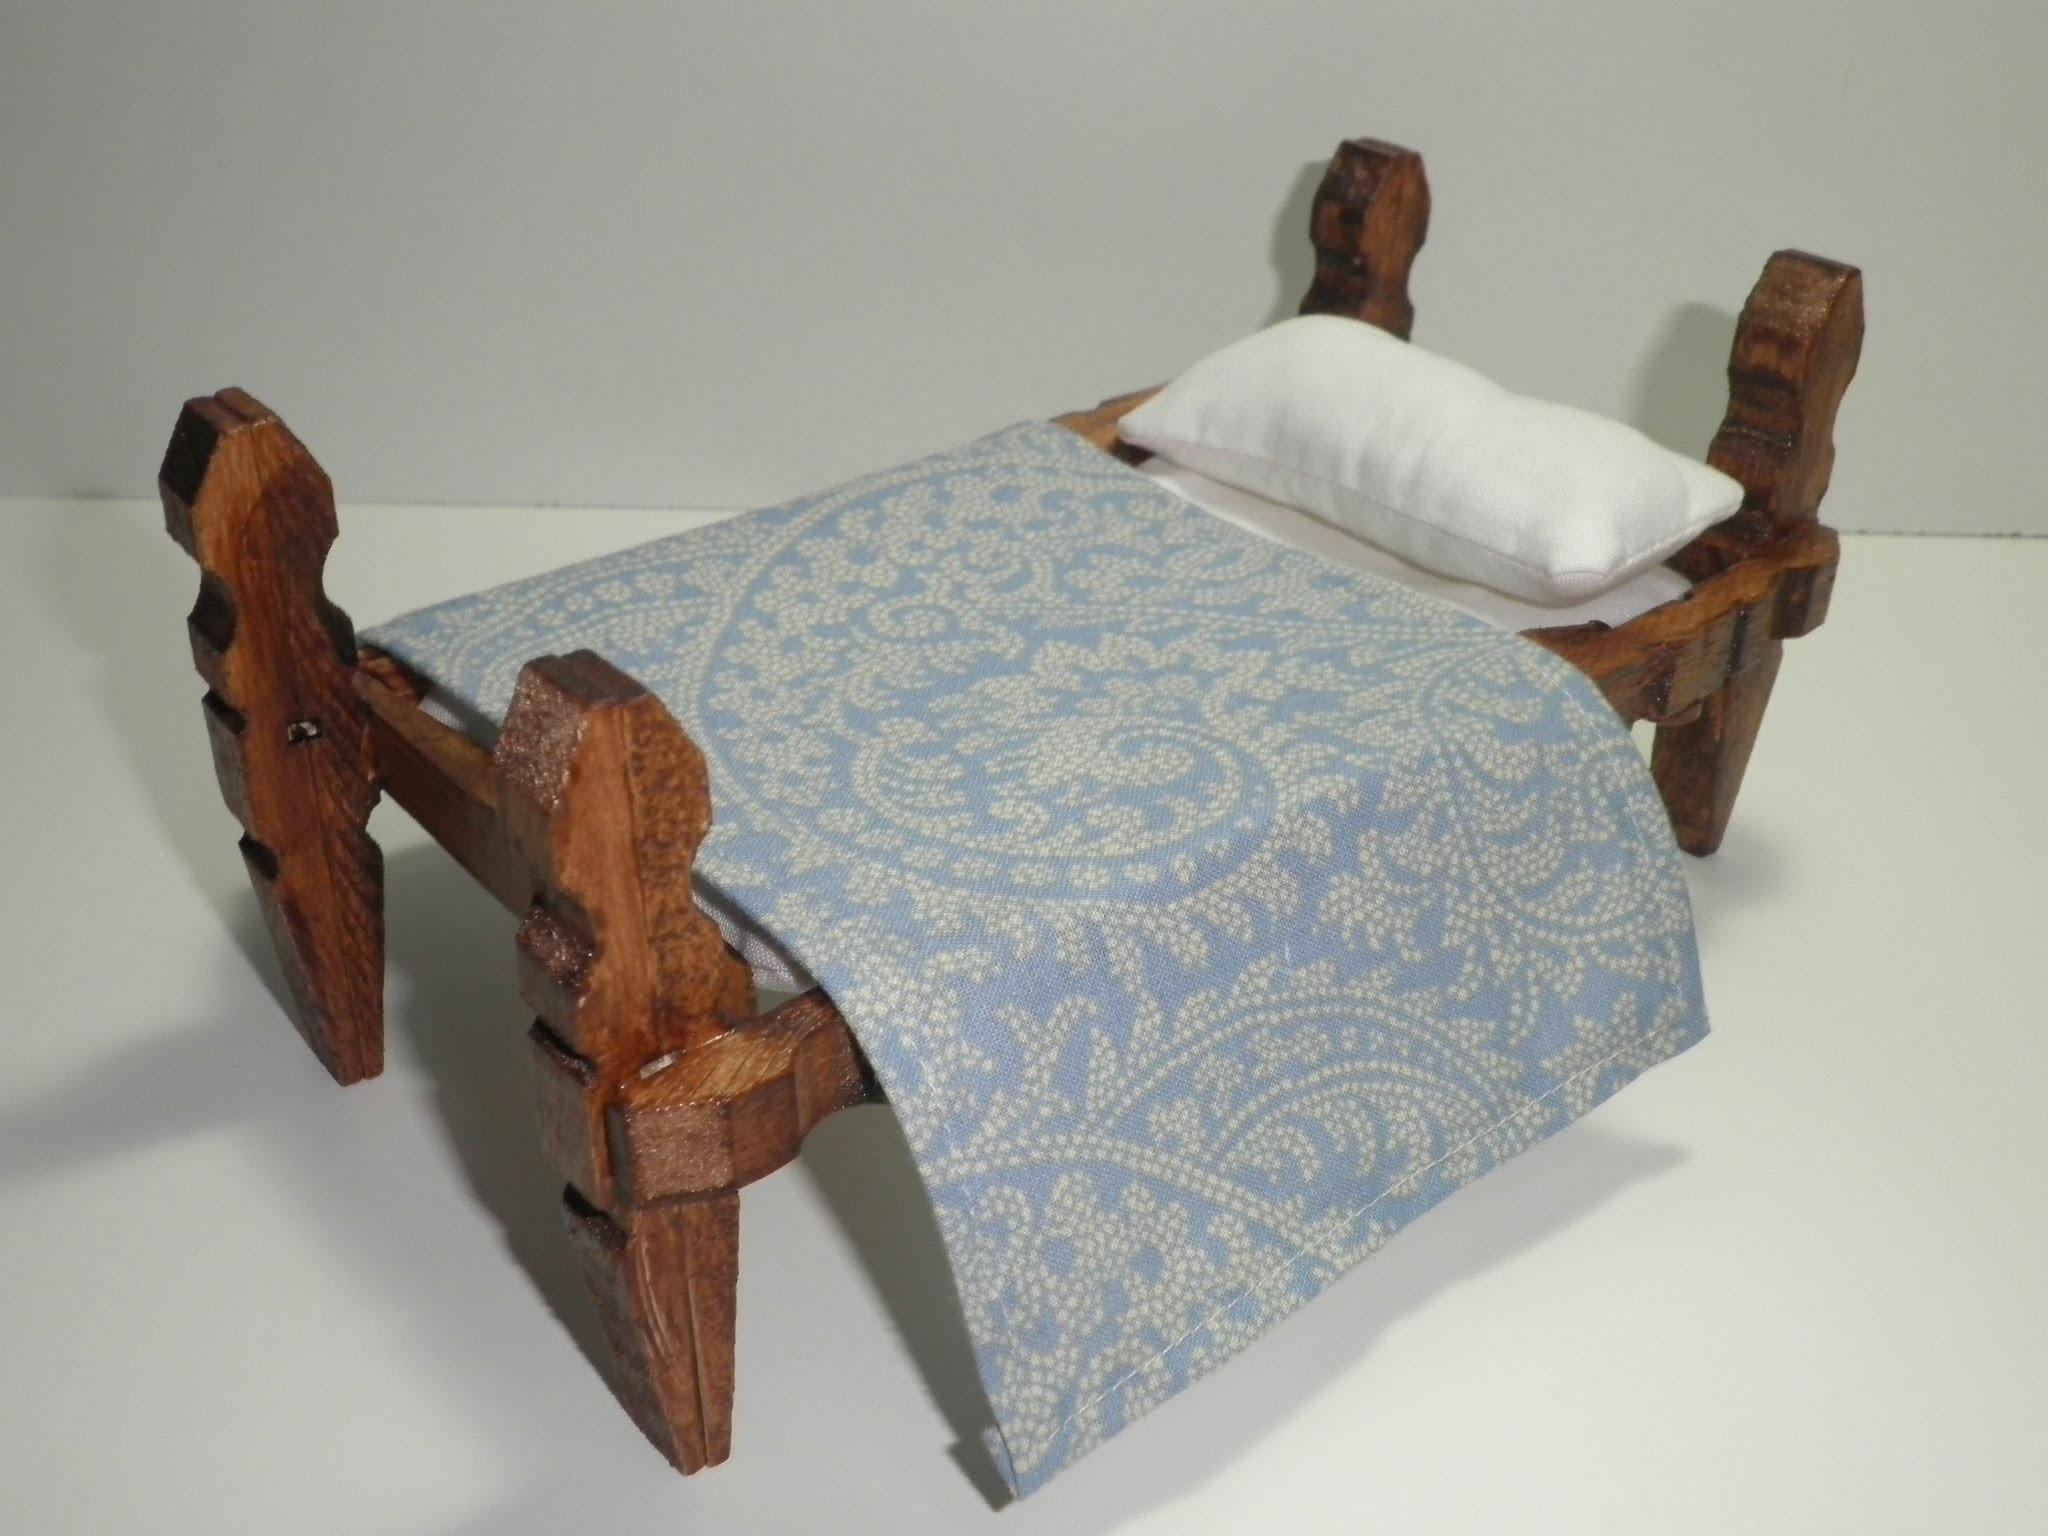 Tutorial para hacer una cama con pinzas de madera. tutorial to make a bed with wooden pegs